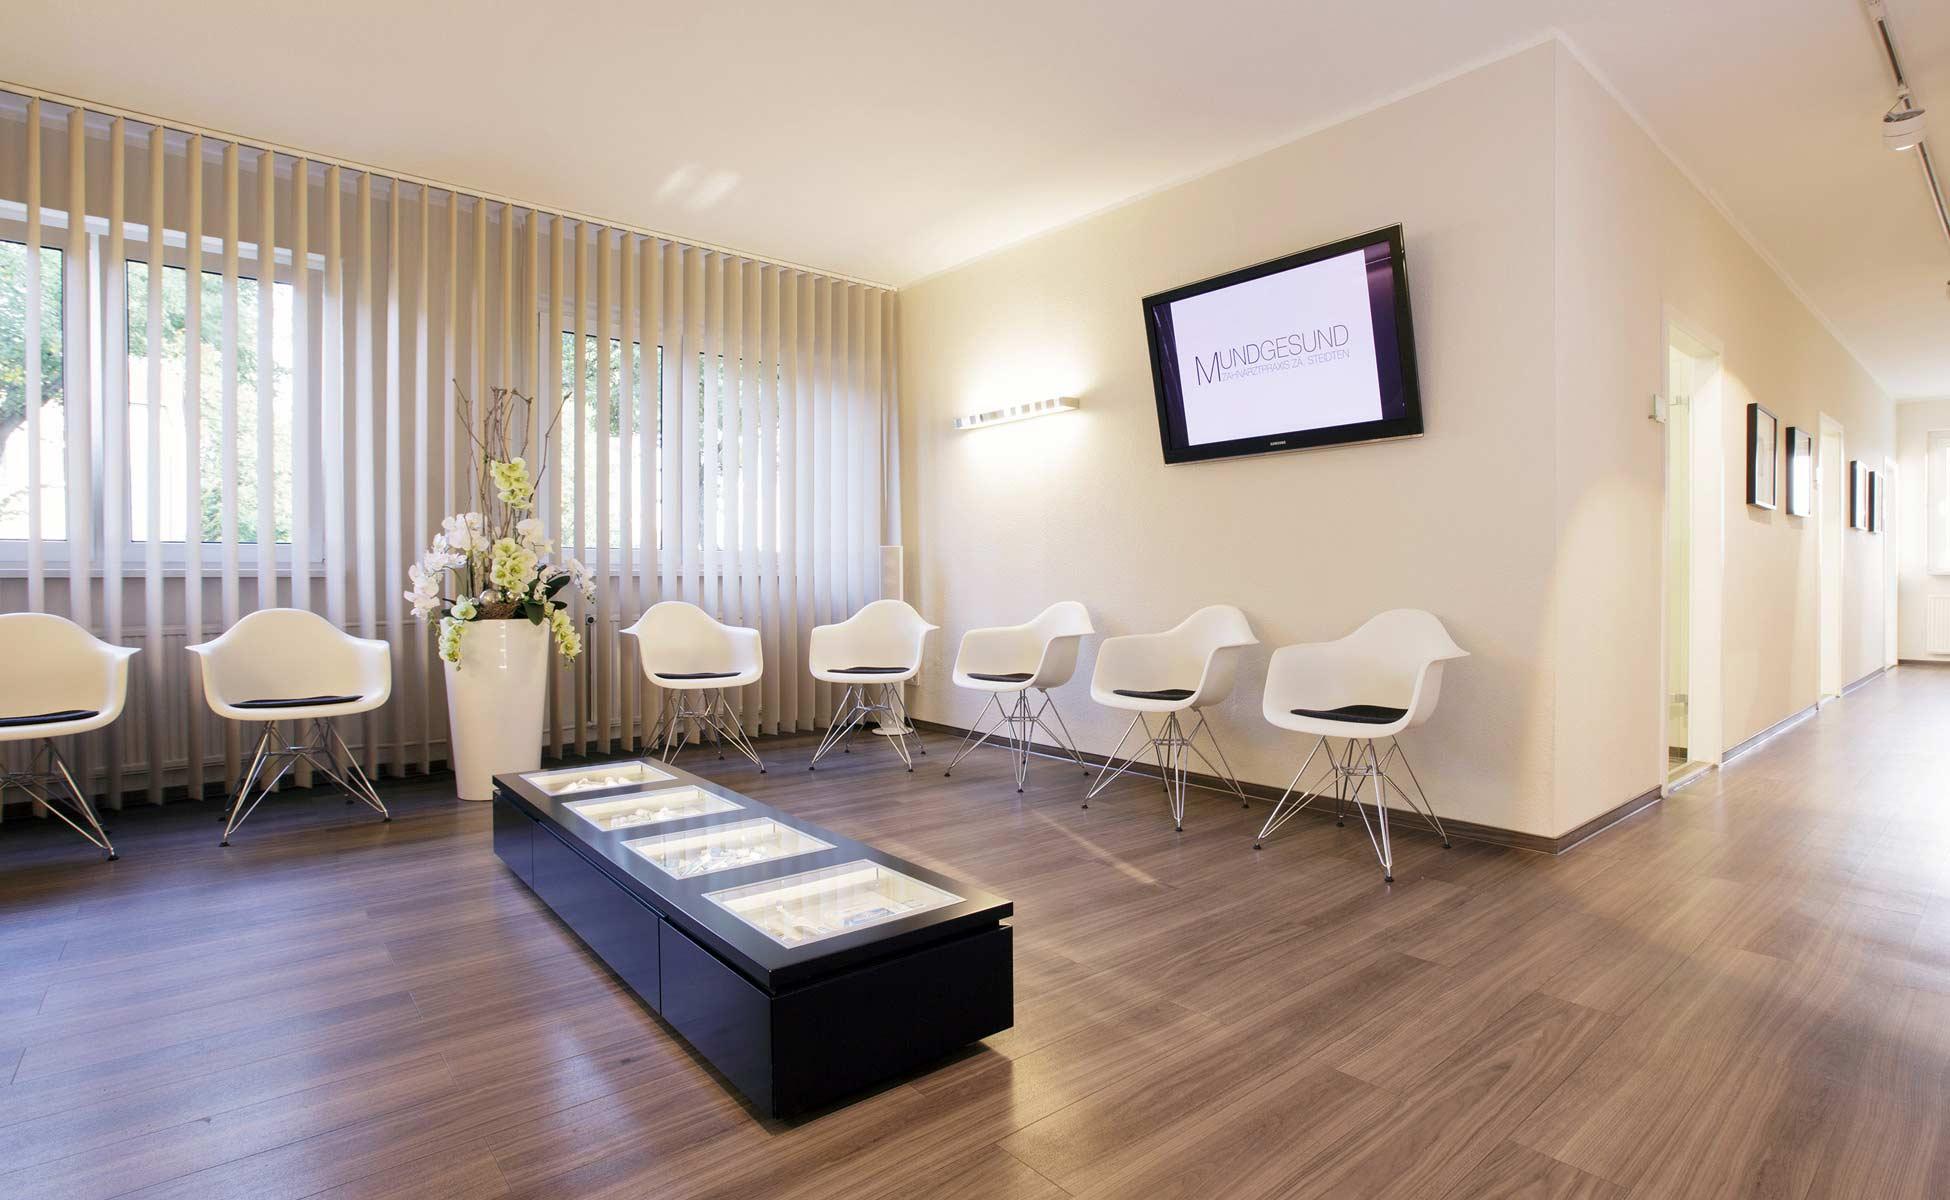 vitra + interlübke wartezimmer einrichtung zahnarztpraxis mundgesund bei steidten+ berlin